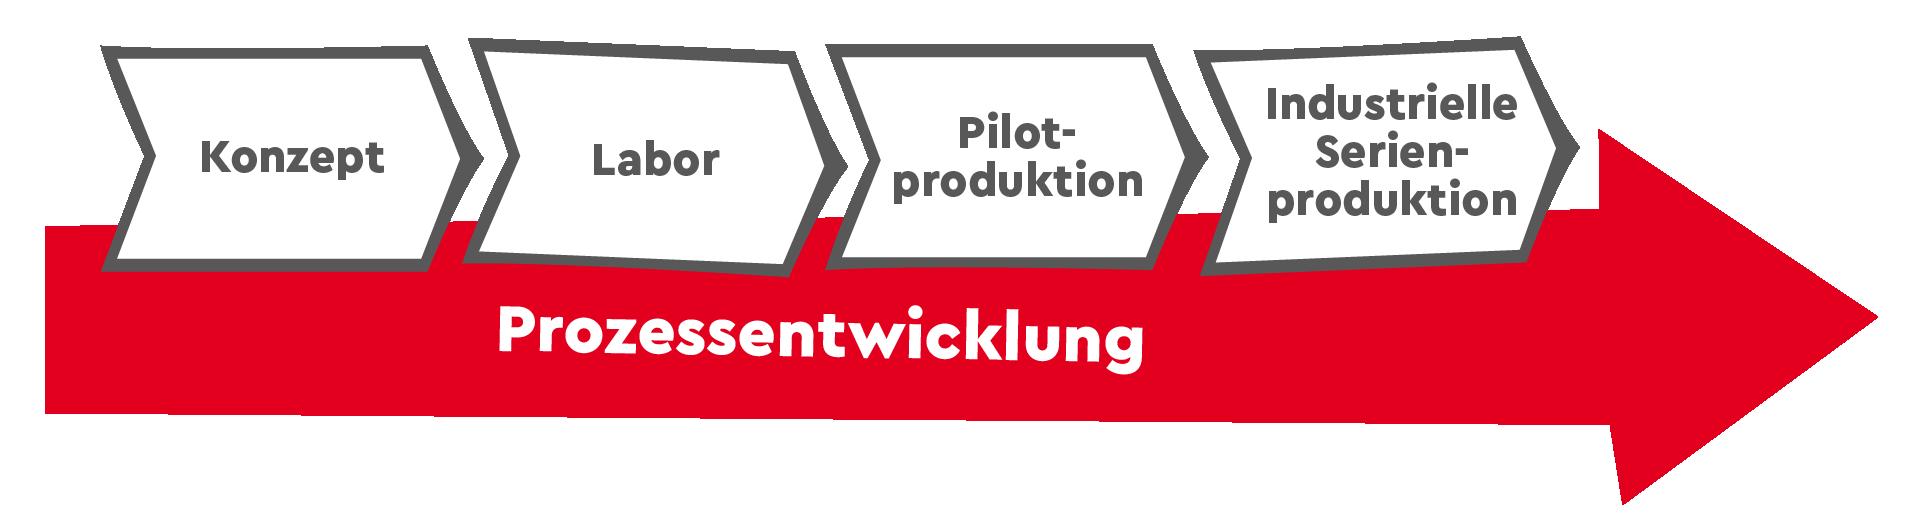 Prozessentwicklungsablauf